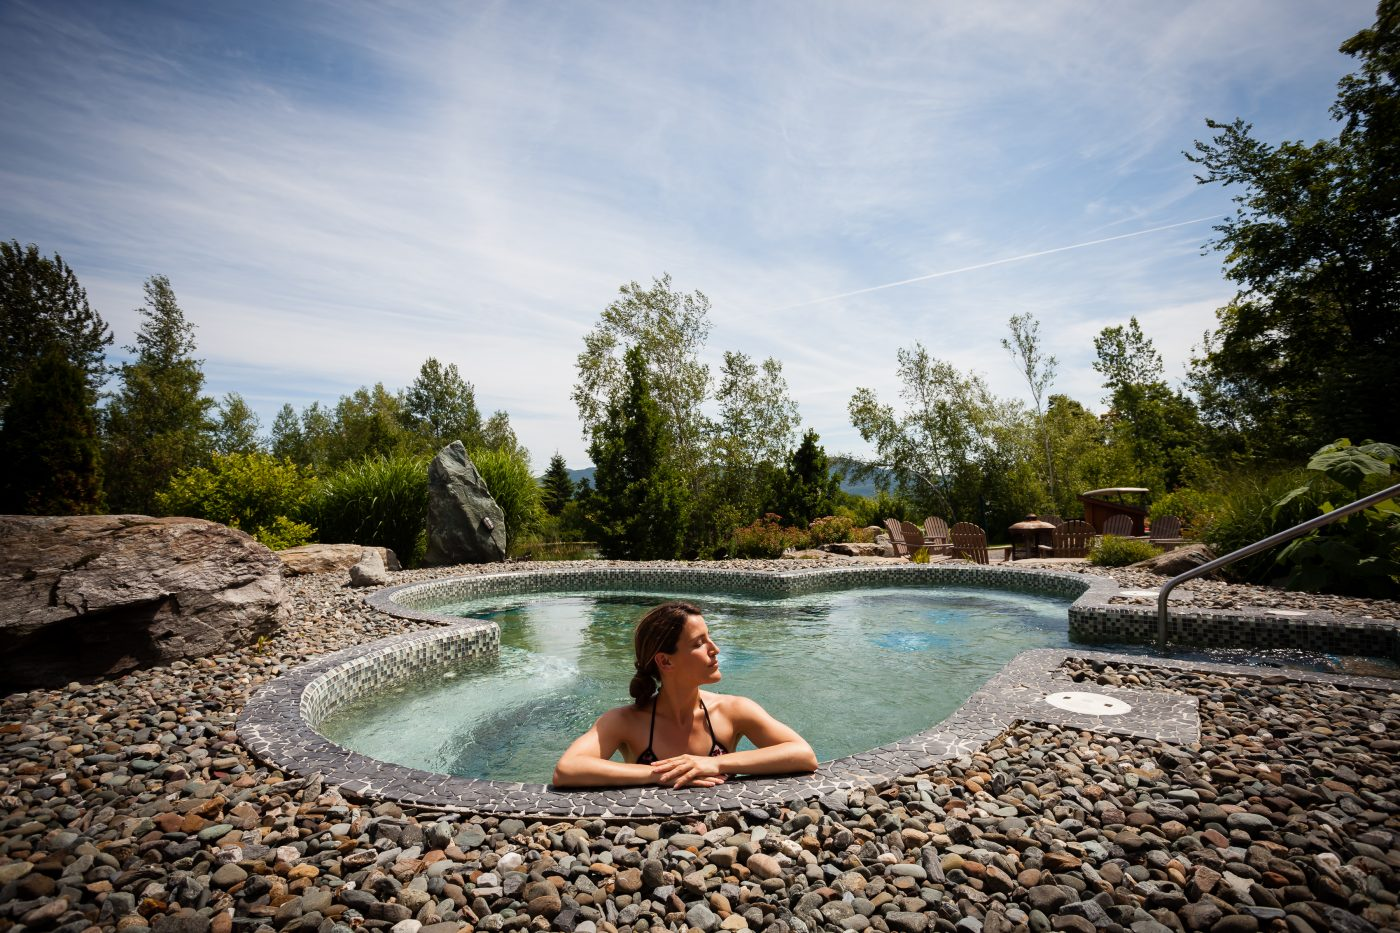 Femme dans un bain à remous en forme de trèfle accotée sur le rebord de roche. Au loin, on aperçoit la forêt et le ciel parsemé de légers nuages.